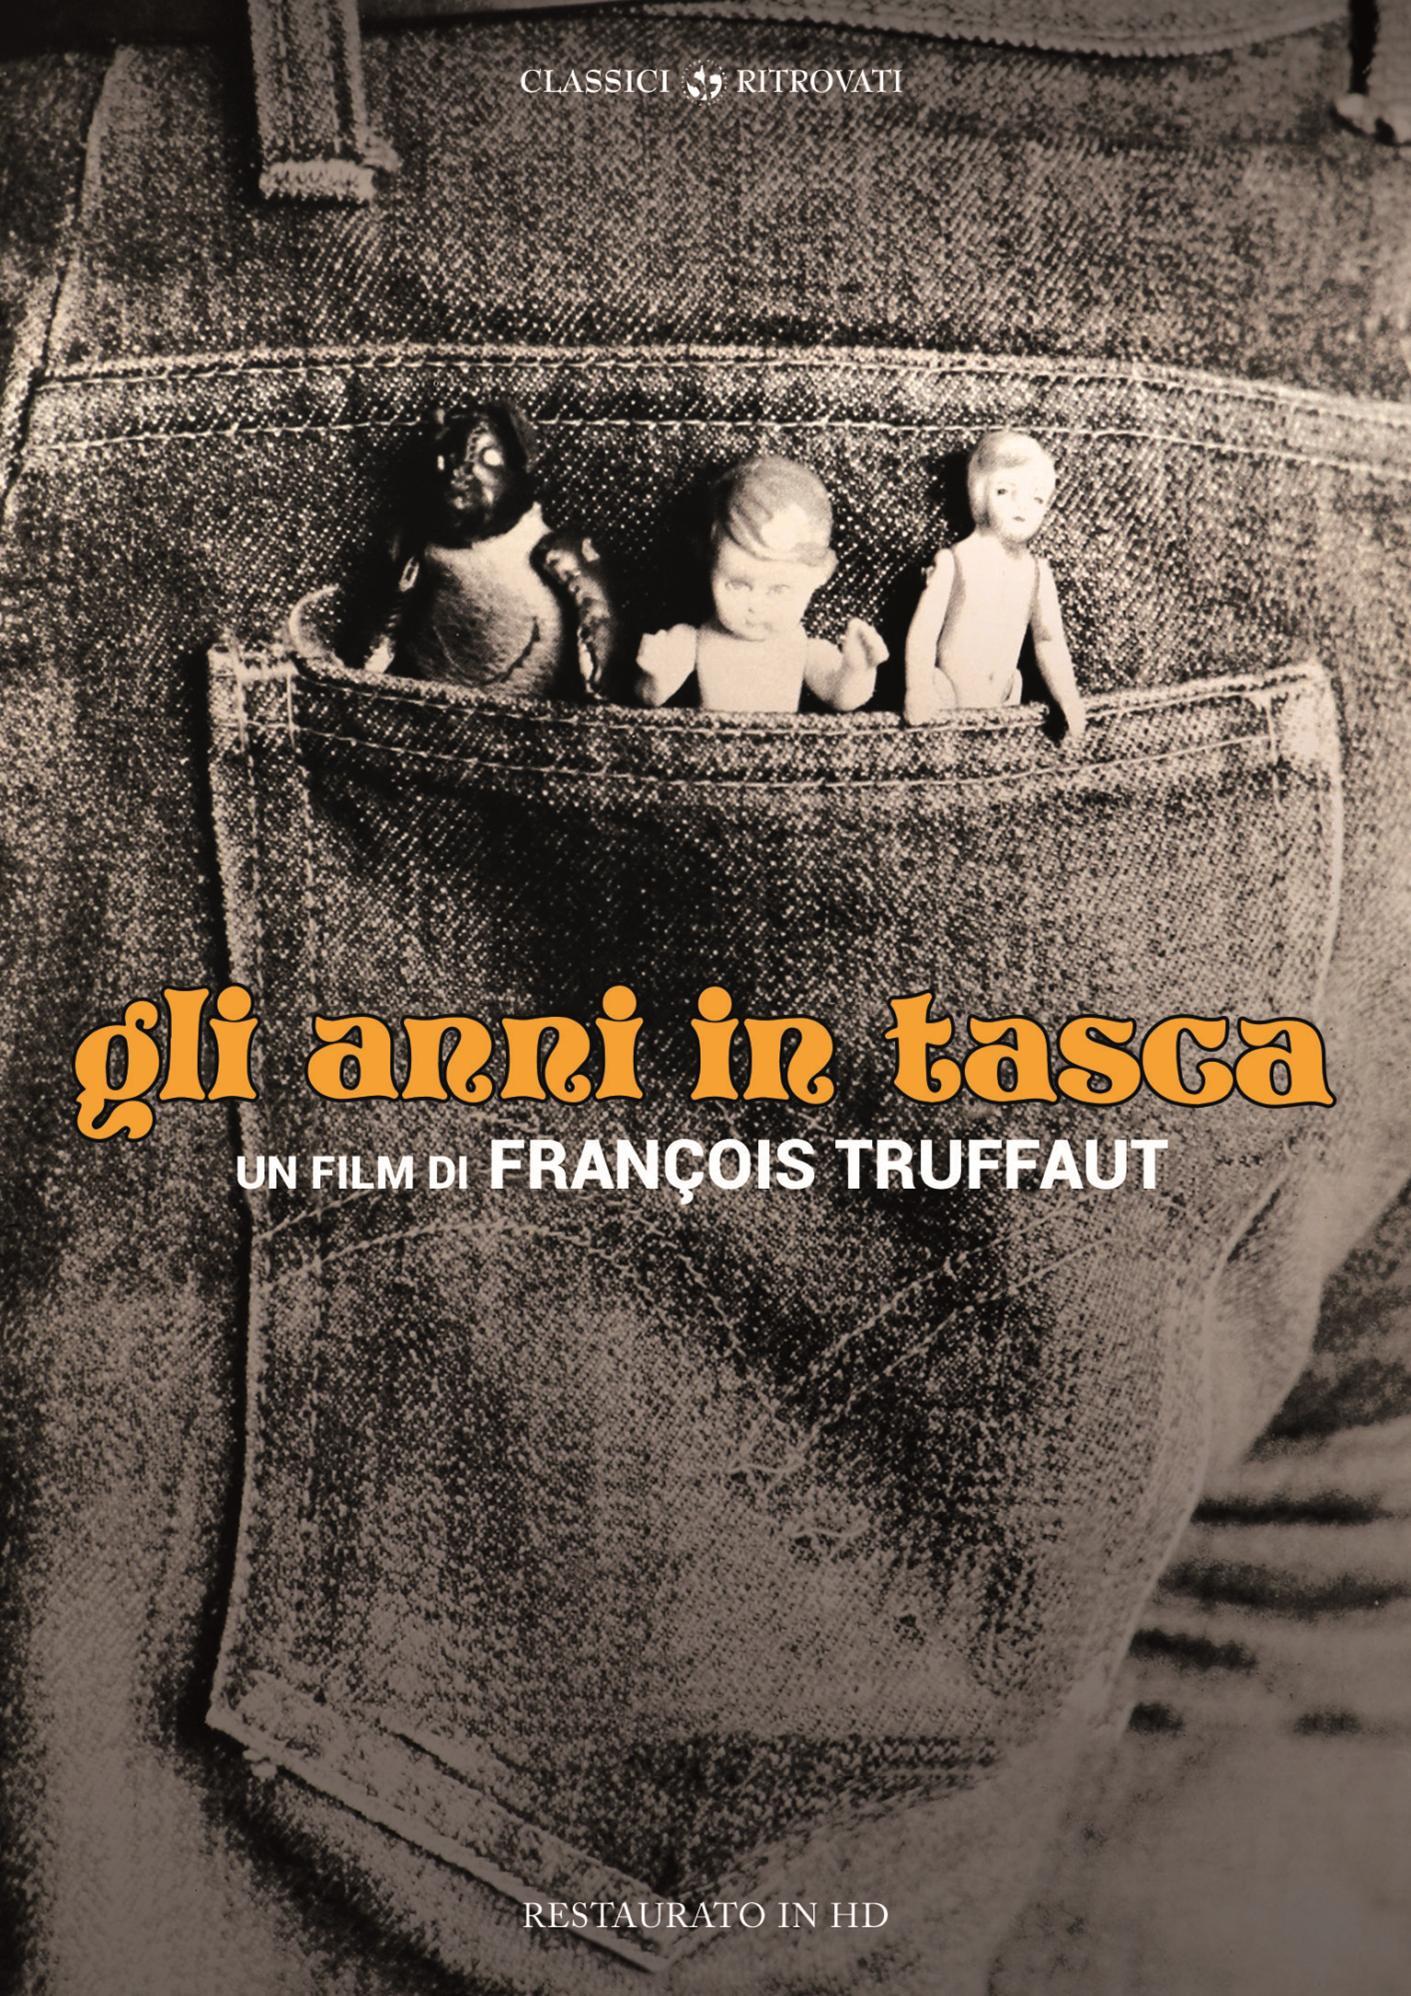 GLI ANNI IN TASCA (RESTAURATO IN HD) (DVD)